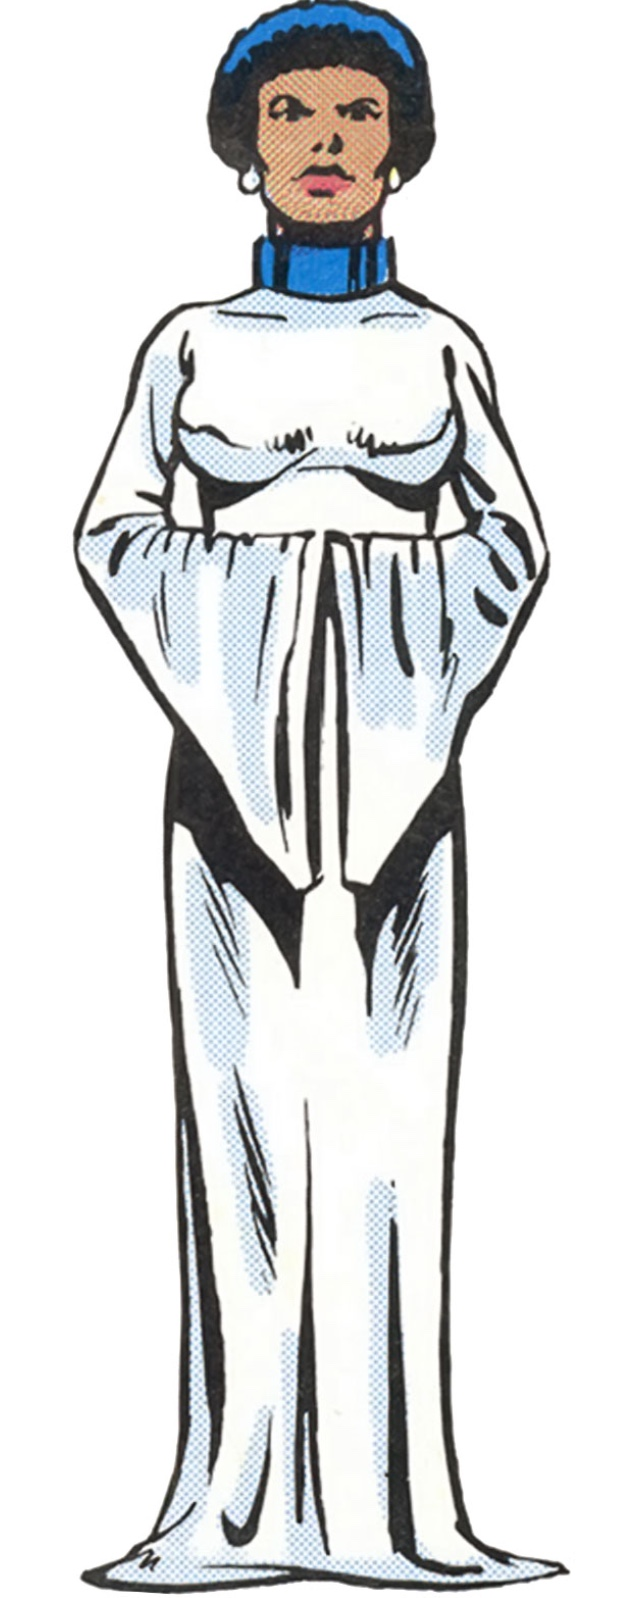 La liste idéale des bustes Marvel de 'Redwing' - Page 2 C92c0c10